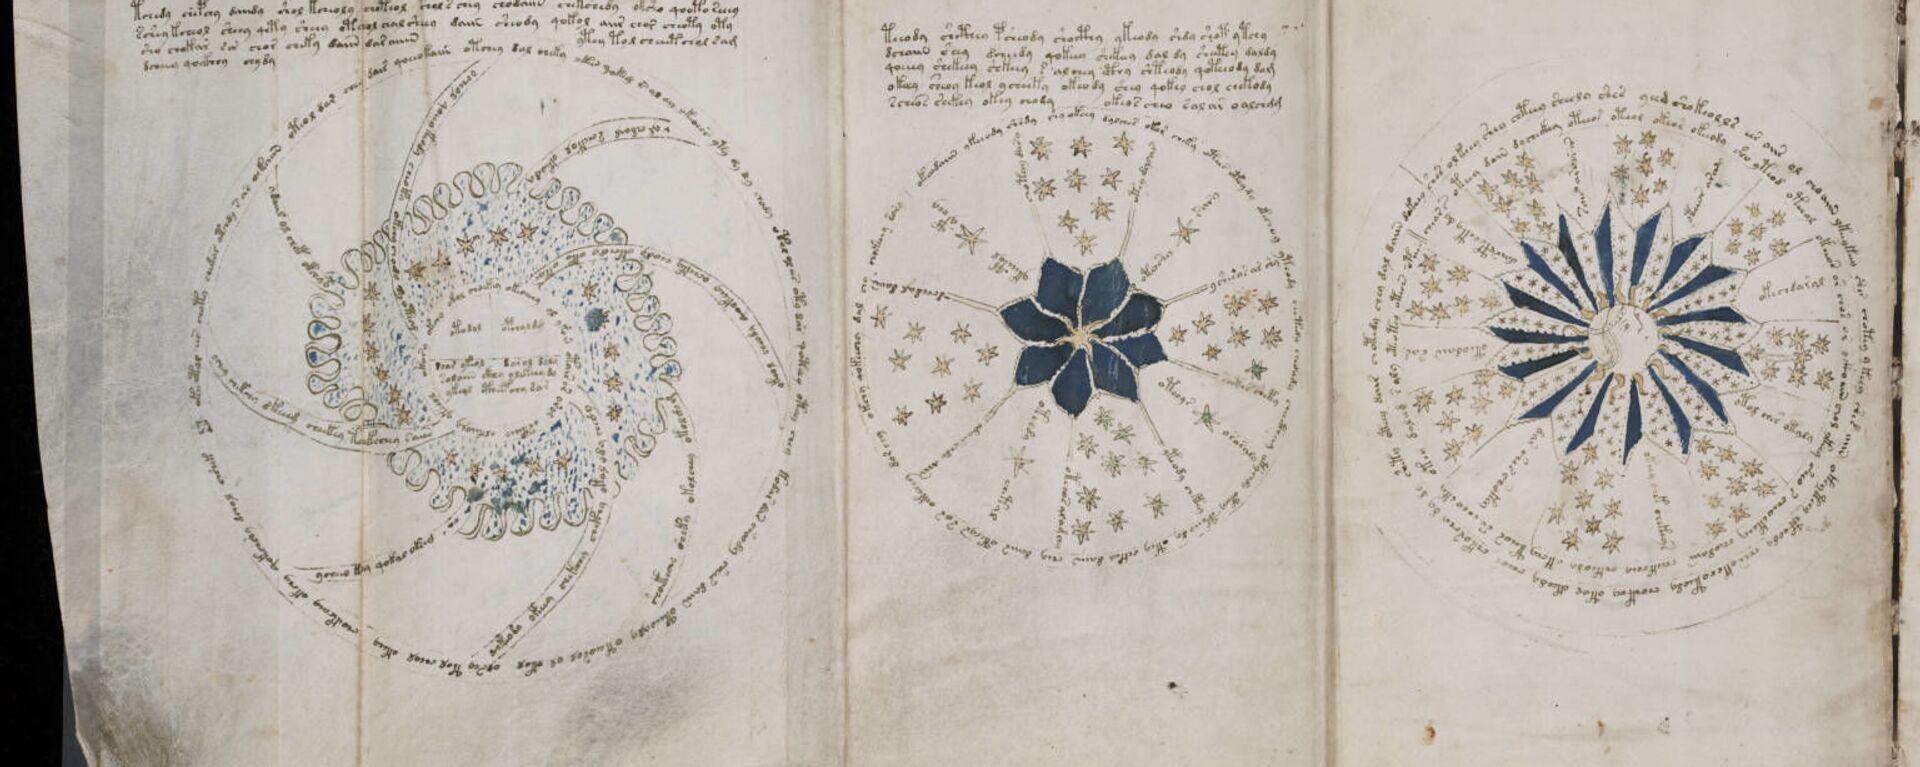 Pagina 68 dal misterioso manoscritto di Voynich - Sputnik Italia, 1920, 15.05.2021